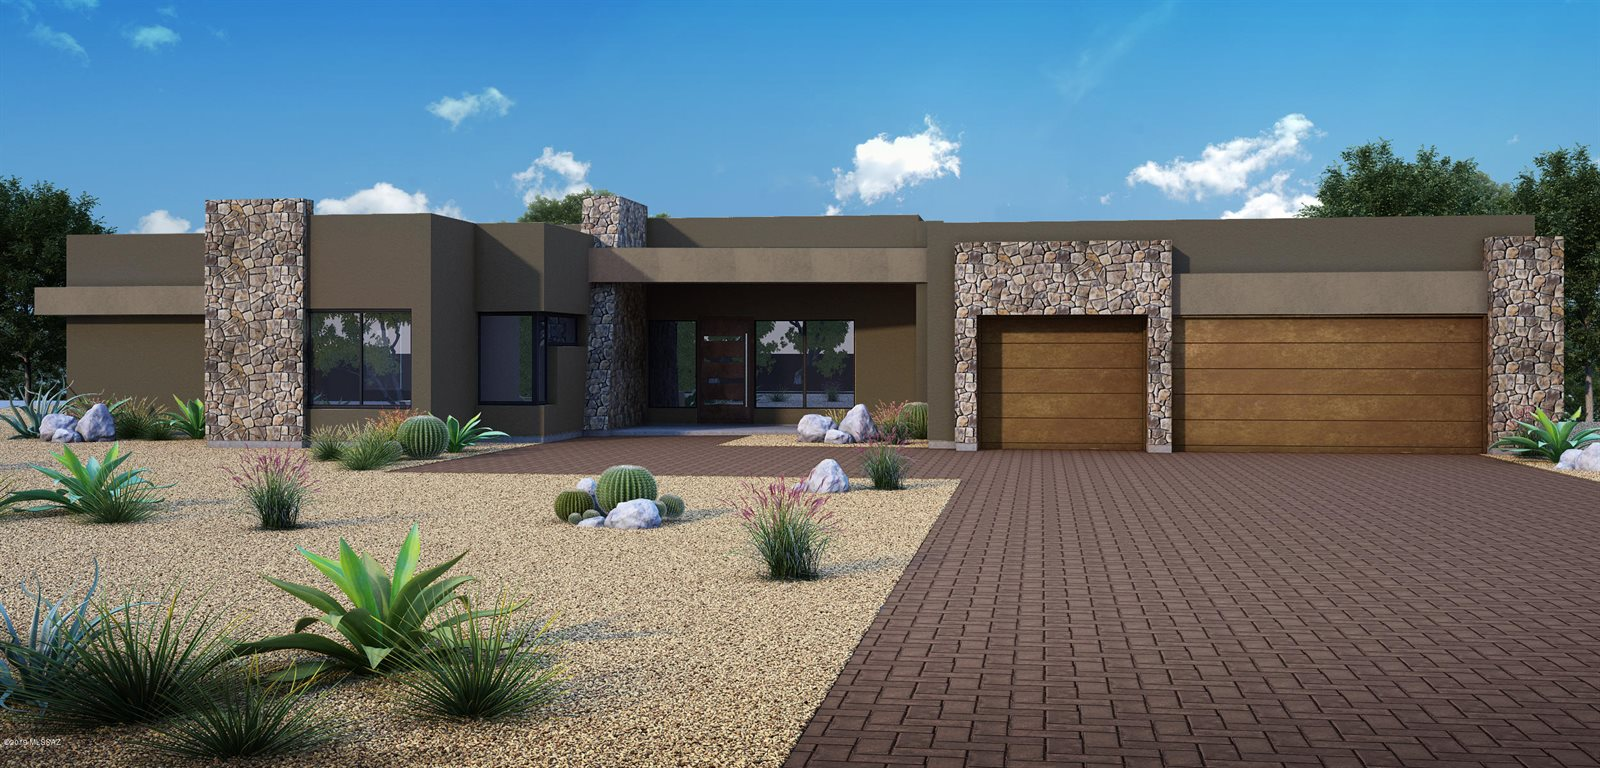 3050 North Placita De Nazca, Tucson, AZ 85749